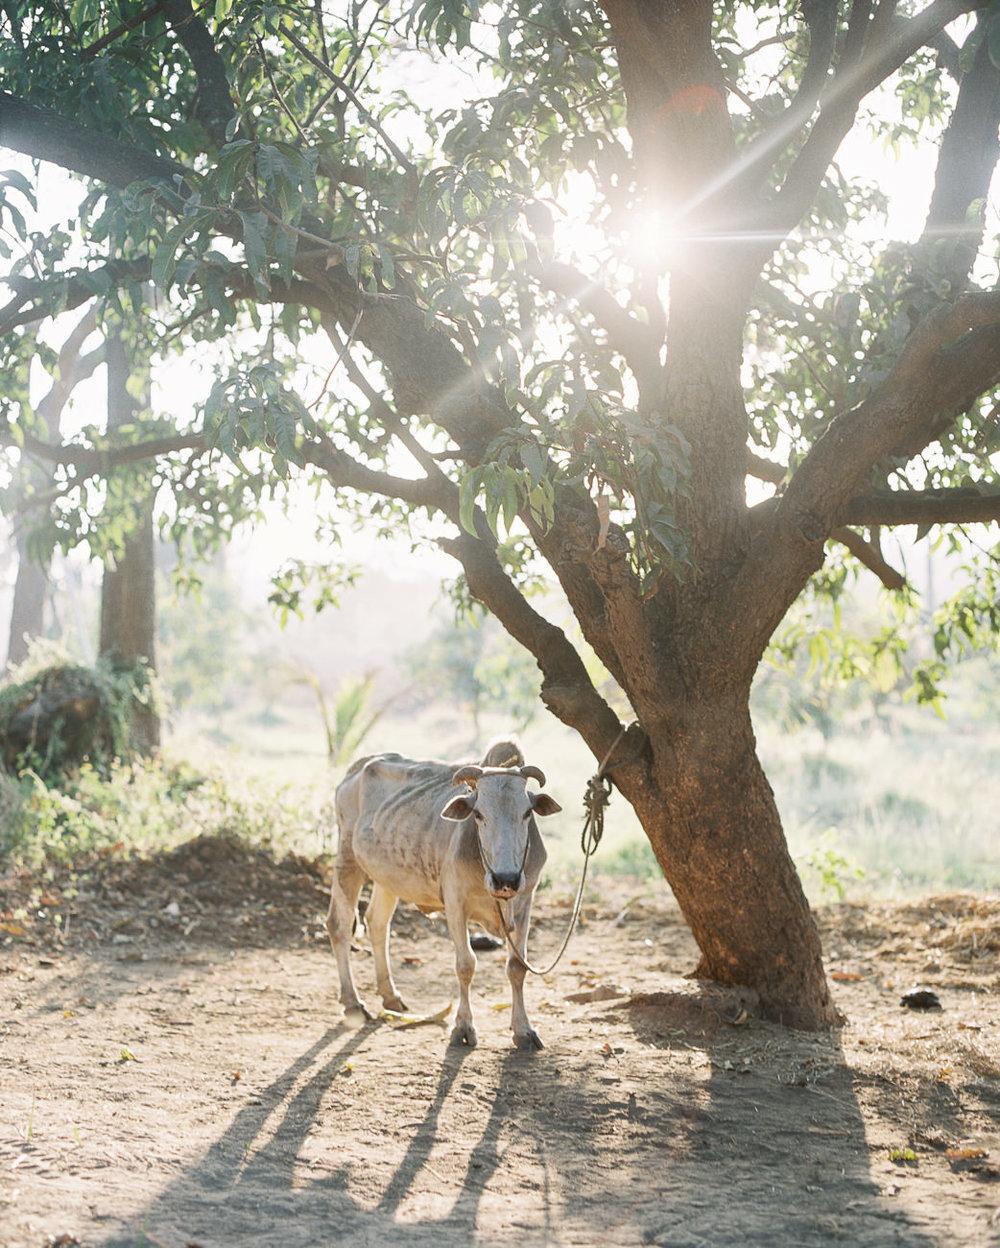 mumbai-photographe-voyage-alain-m-6.jpg